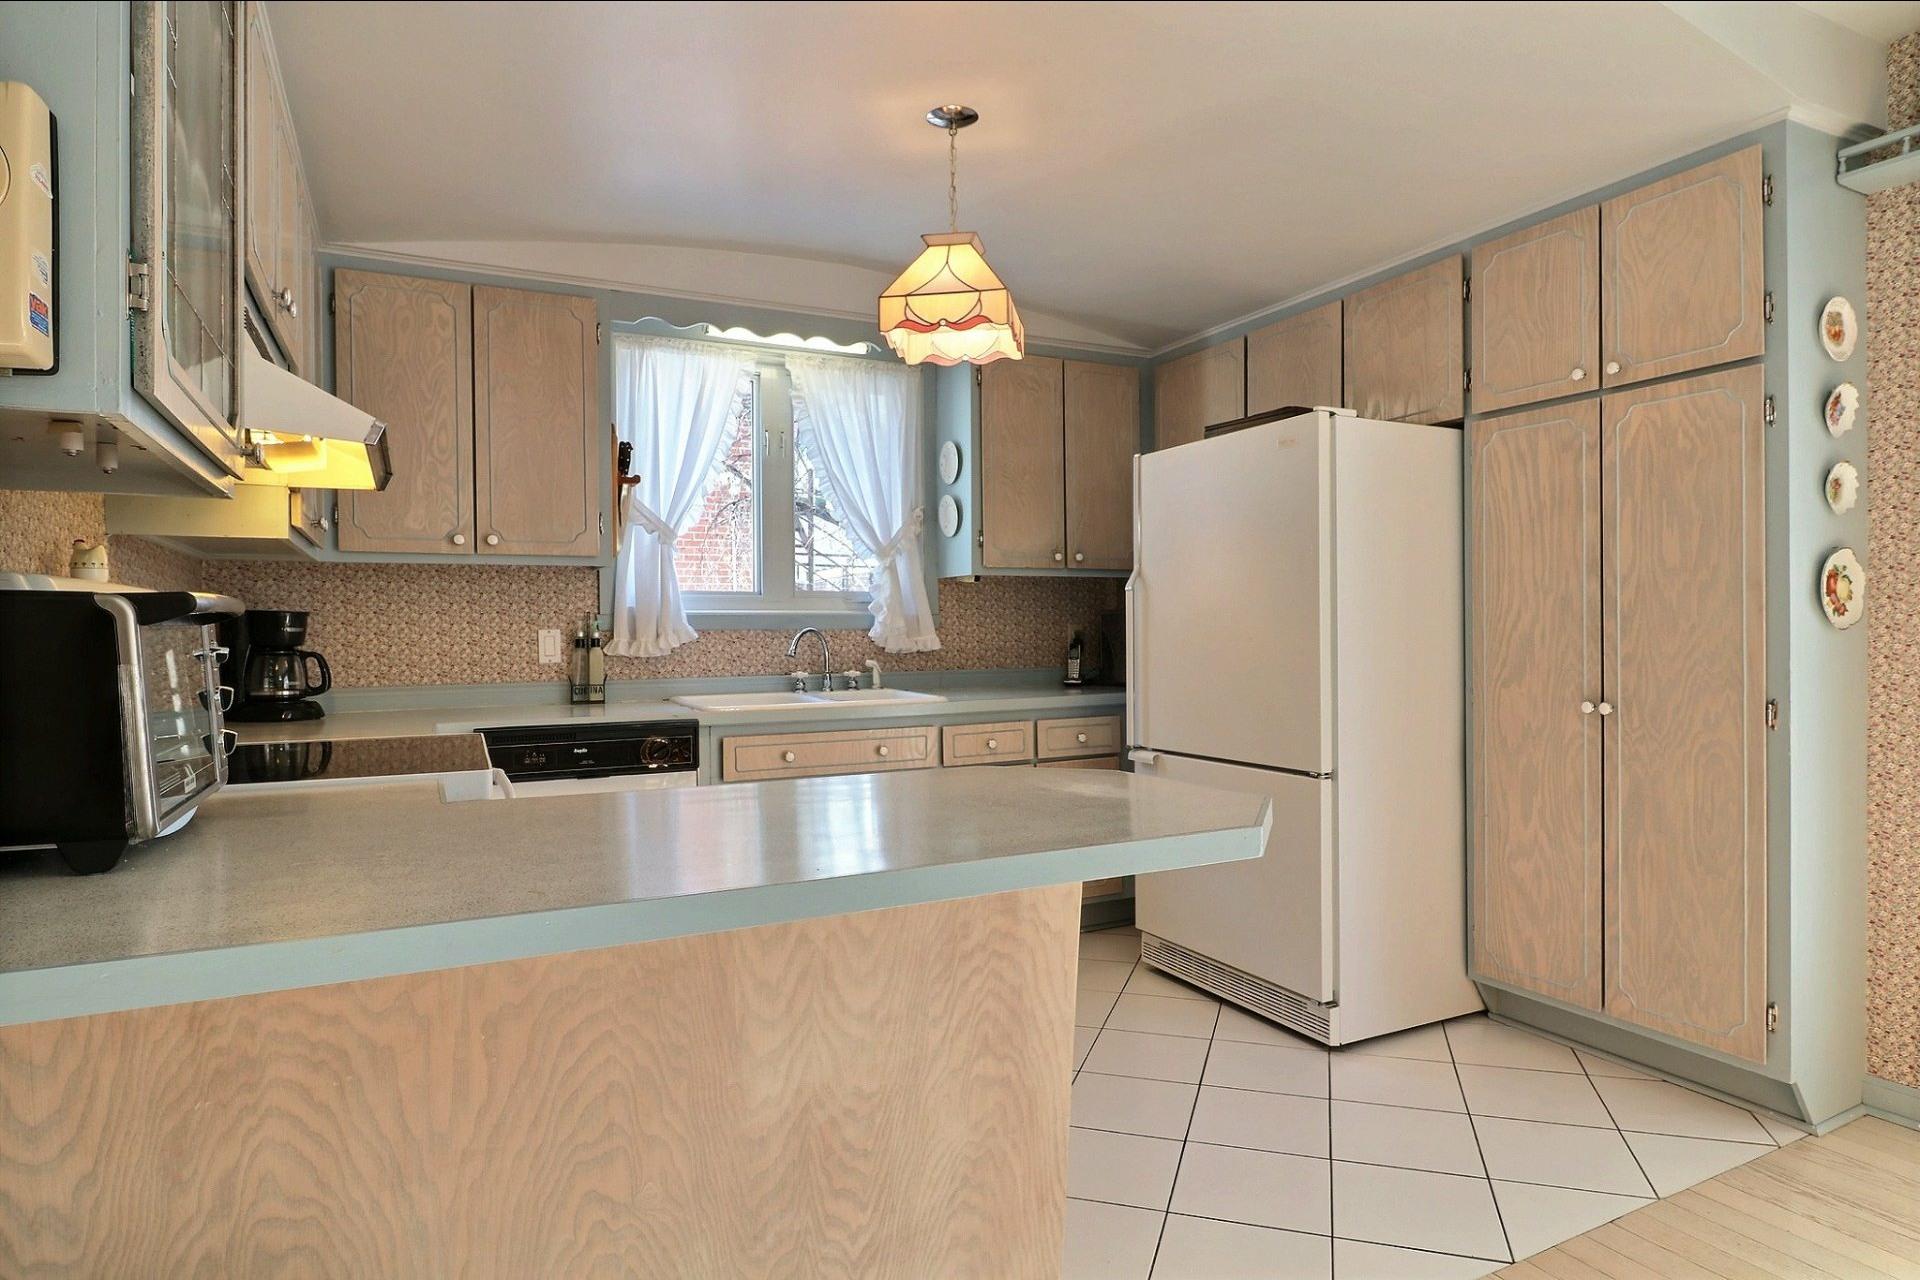 image 8 - Duplex À vendre Montréal-Nord Montréal  - 5 pièces